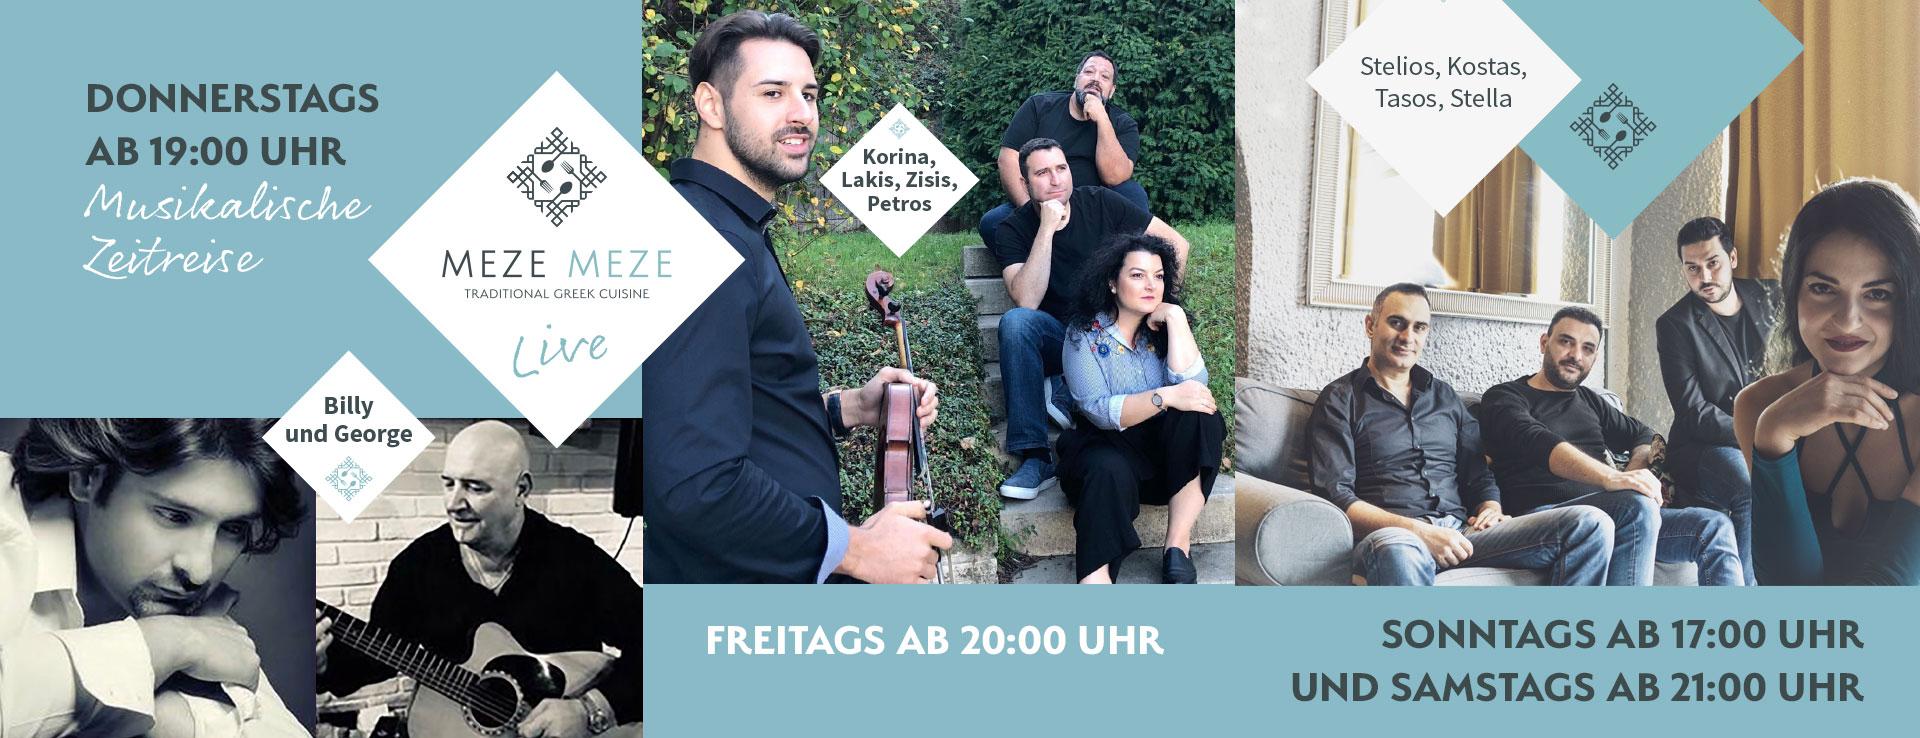 Bands - Meze Meze